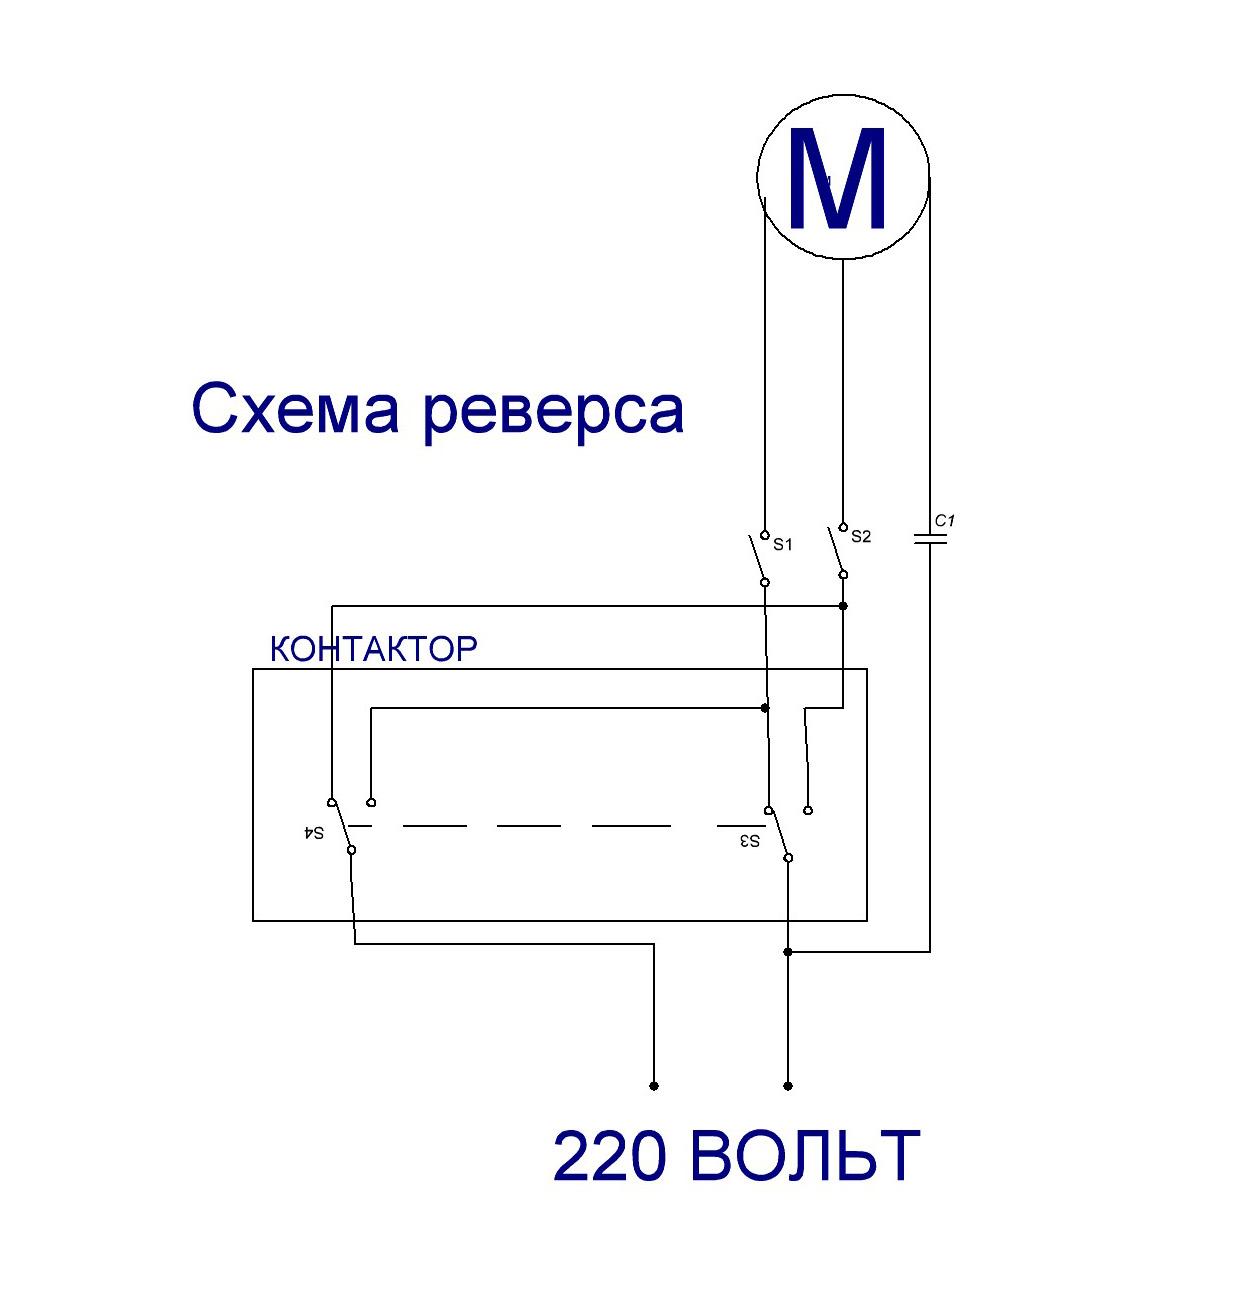 Схема подключения трехфазного двигателя в реверс